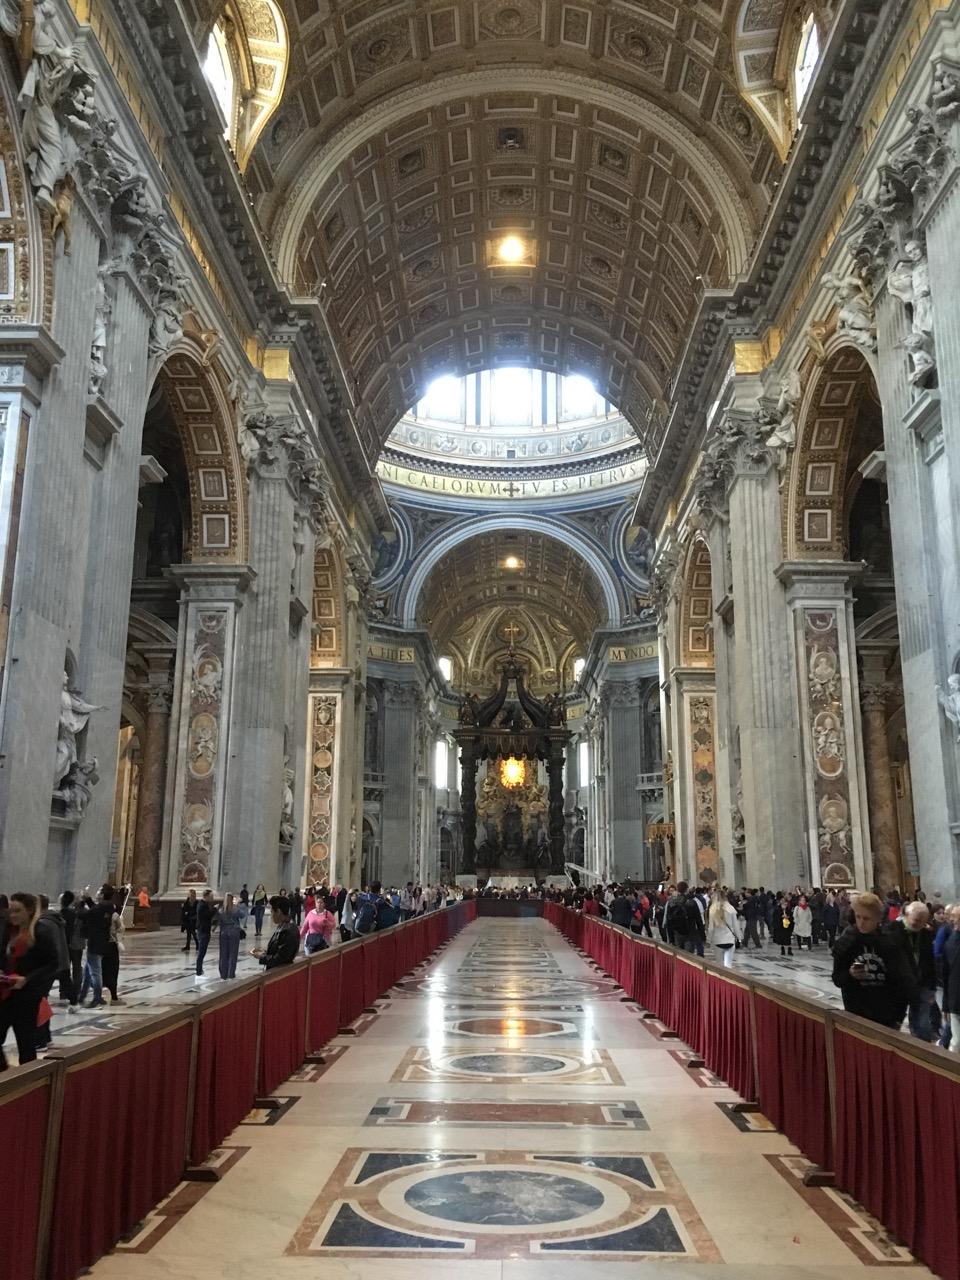 去过很多教堂,圣彼得大教堂最豪,富丽堂皇